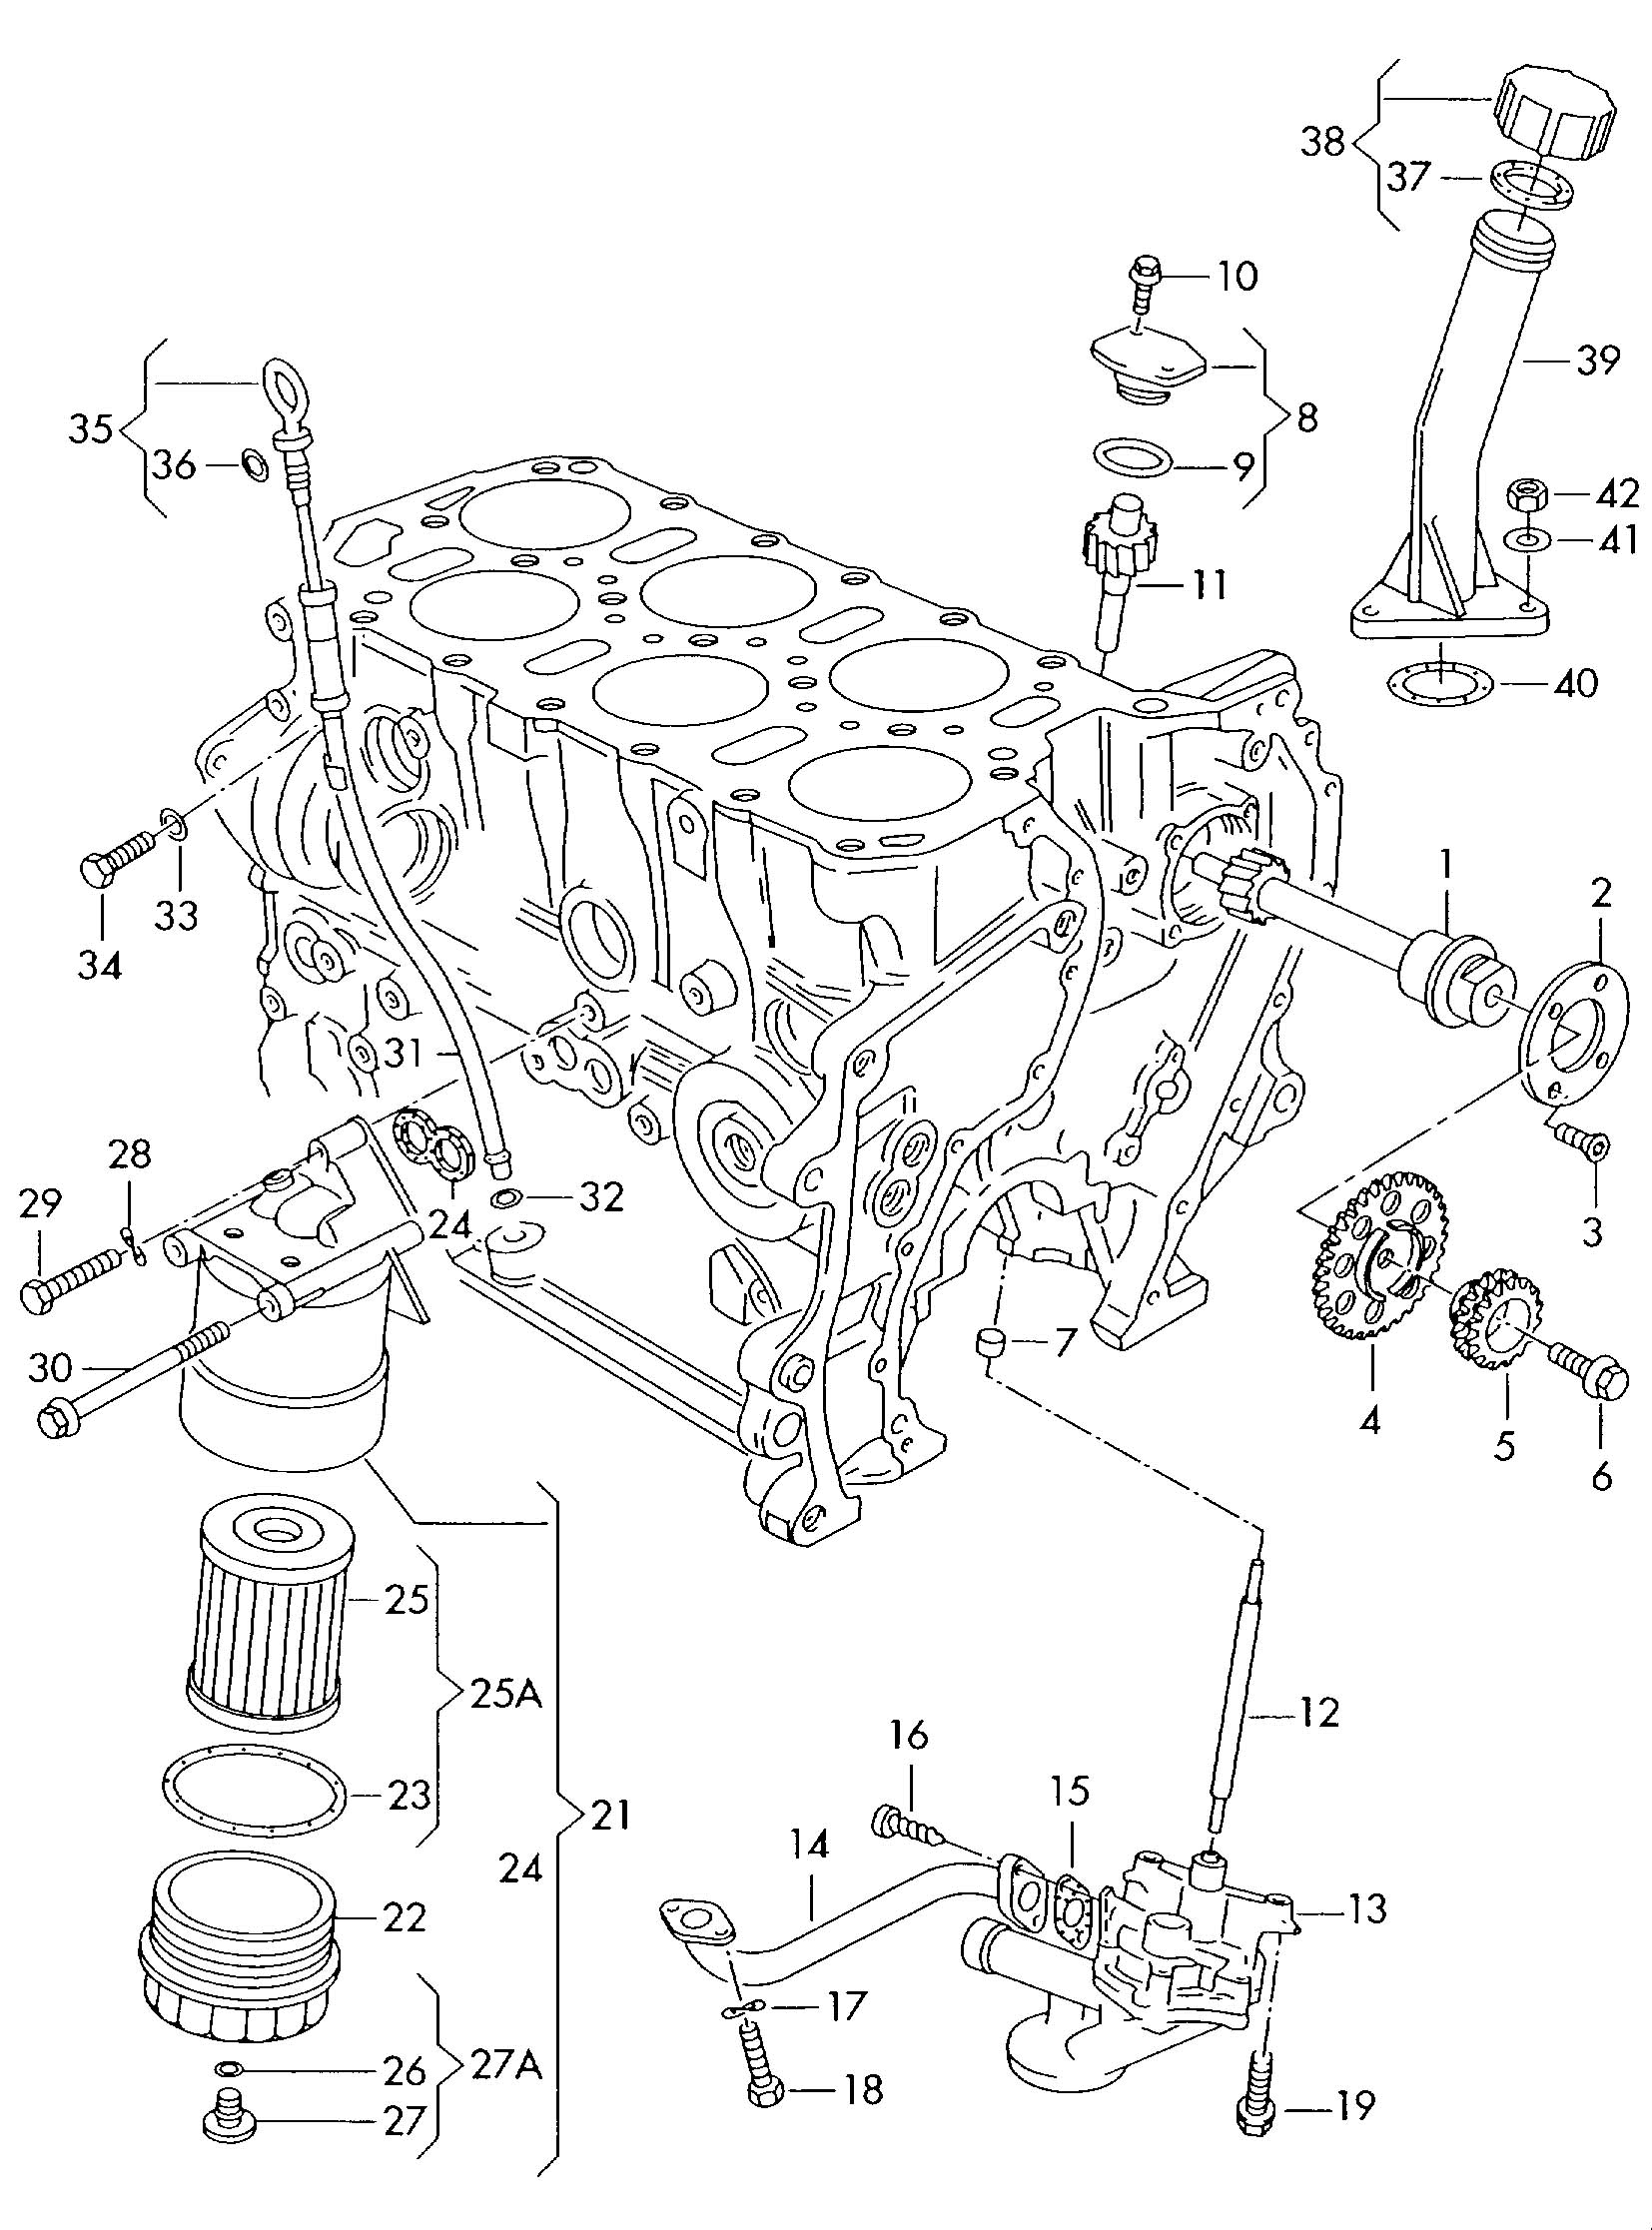 Volkswagen Jetta Oil pump oil filter 2.8ltr.